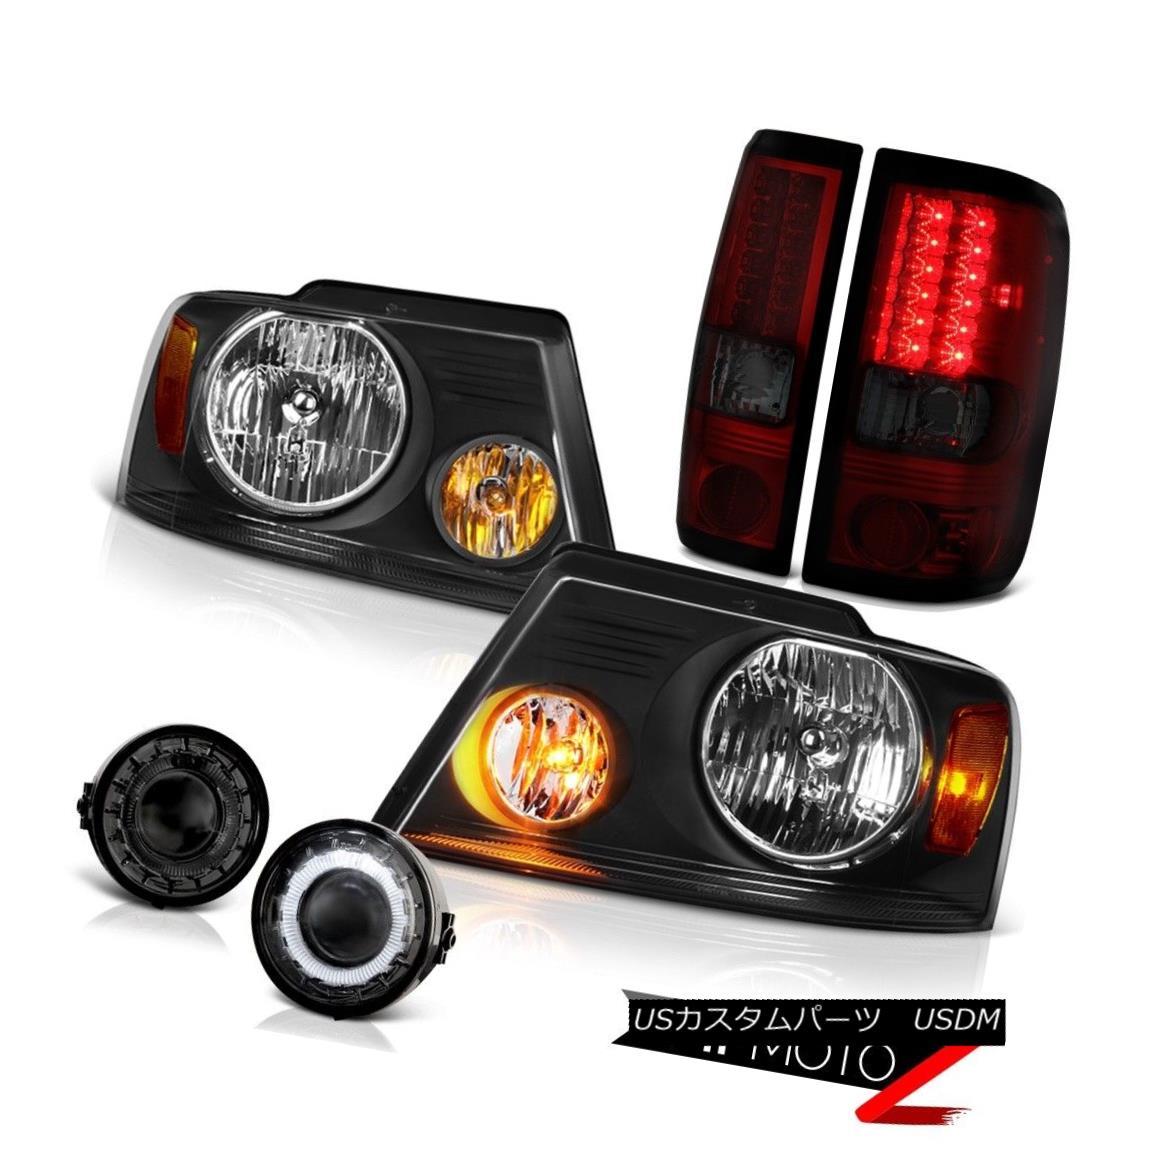 ヘッドライト 06 07 08 FORD F150 Truck Cherry Red LED Brake Lamp Driving Halo Fog Headlights 06 07 08フォードF150トラックチェリーレッドLEDブレーキランプHalo Fogヘッドライト